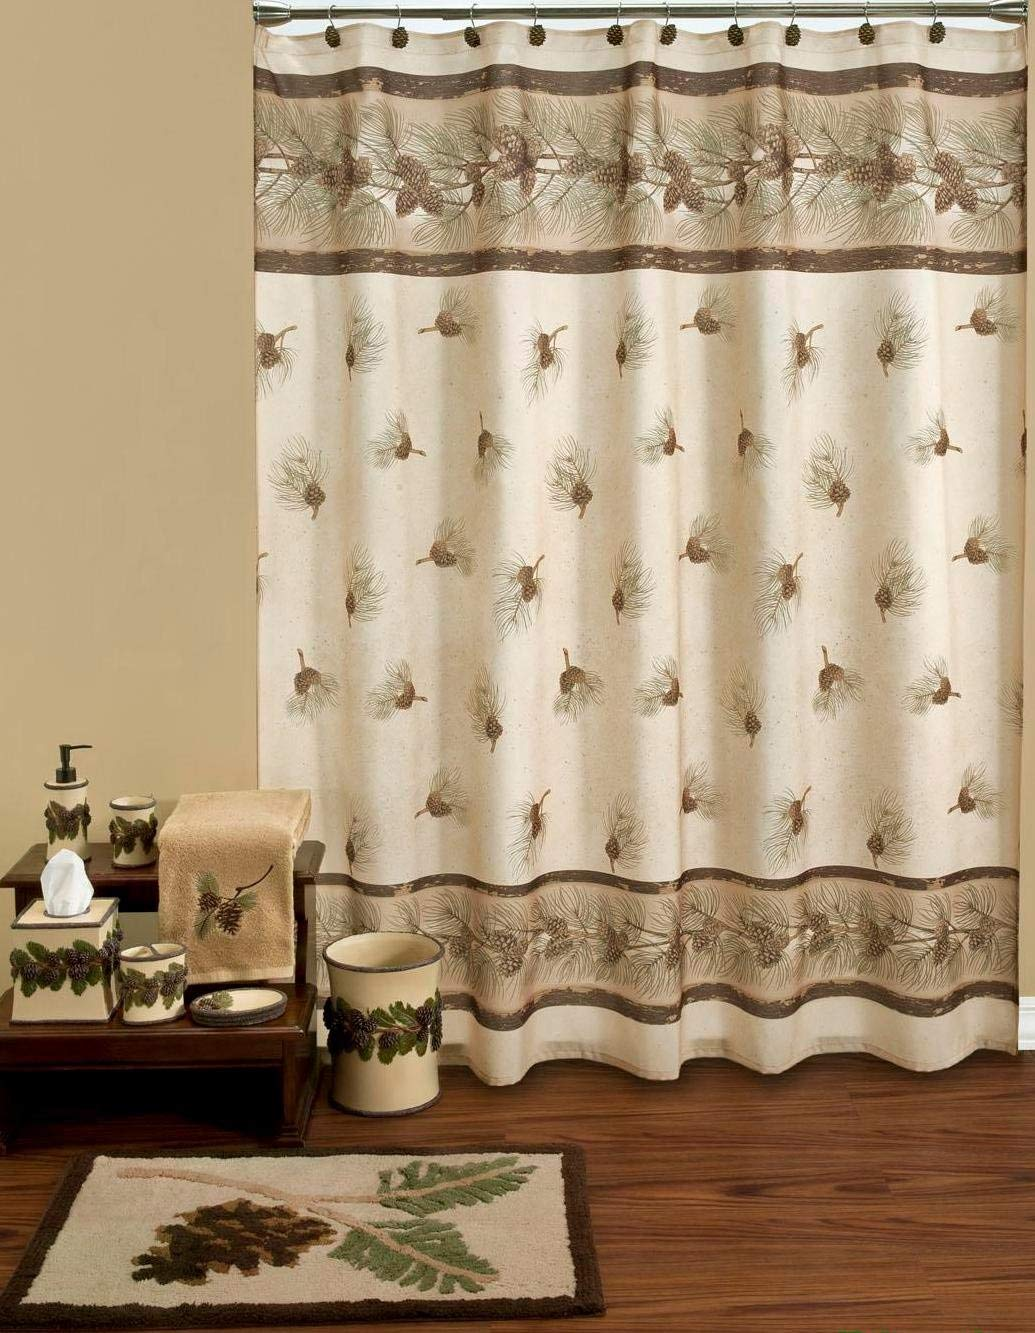 pinehaven resin pinecones shower curtain hooks